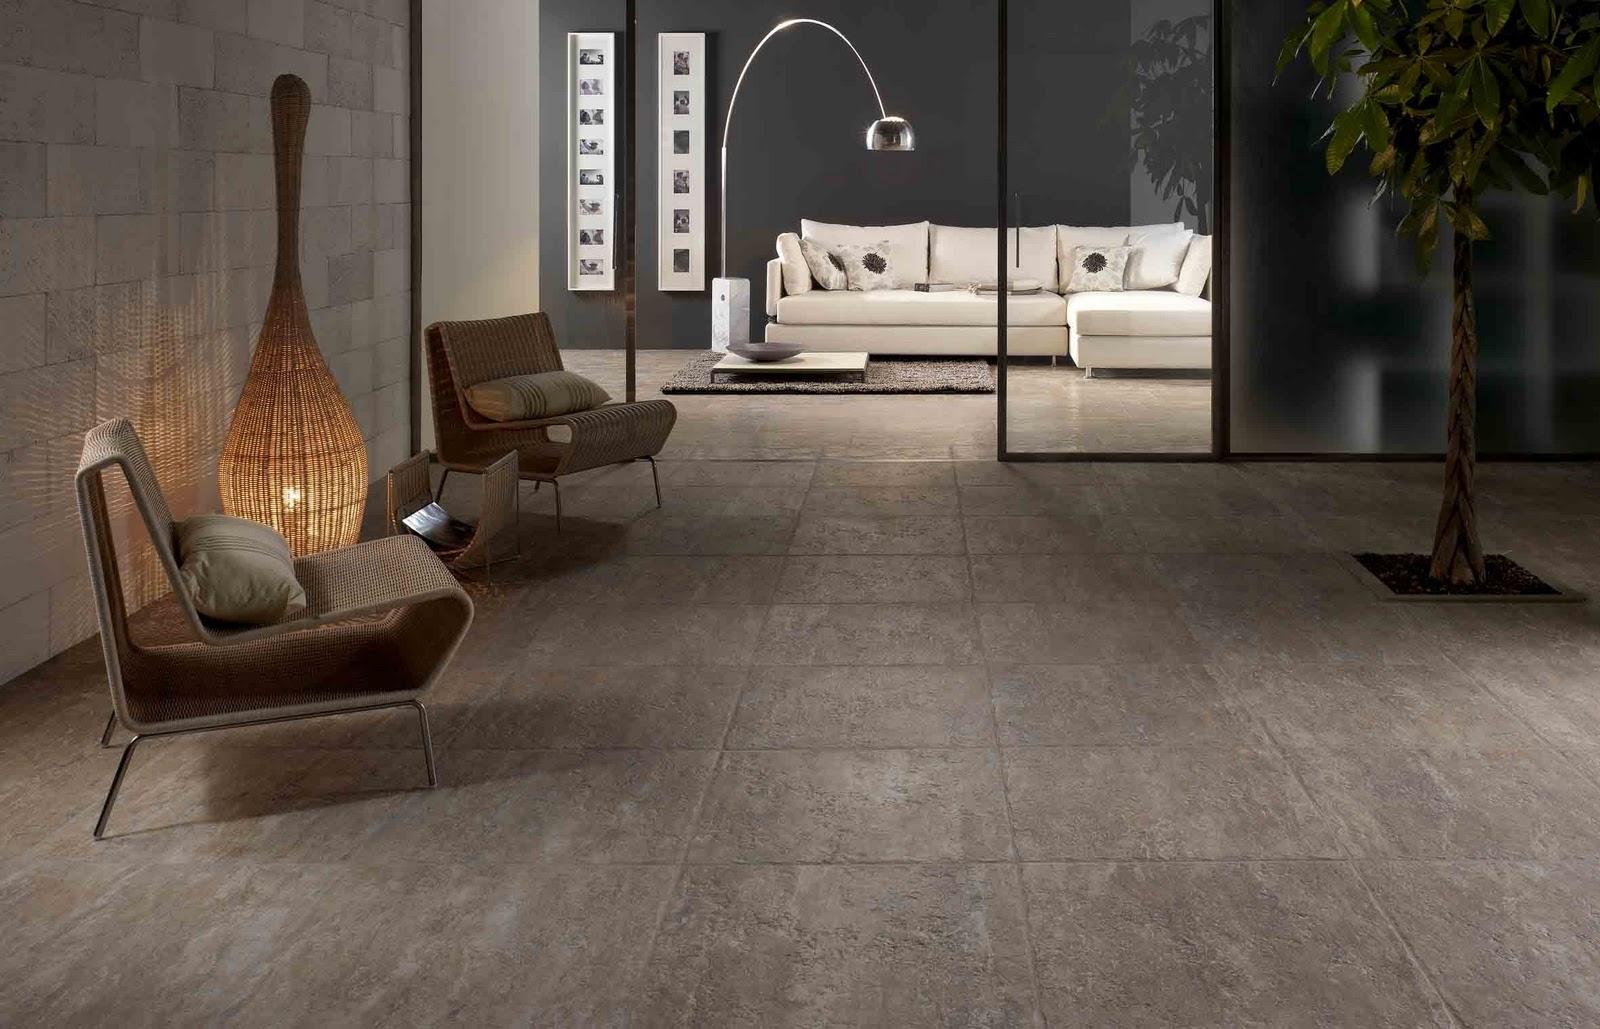 Pavimenti moderni imola ceramica cersaie 2010 for Case moderne con parquet